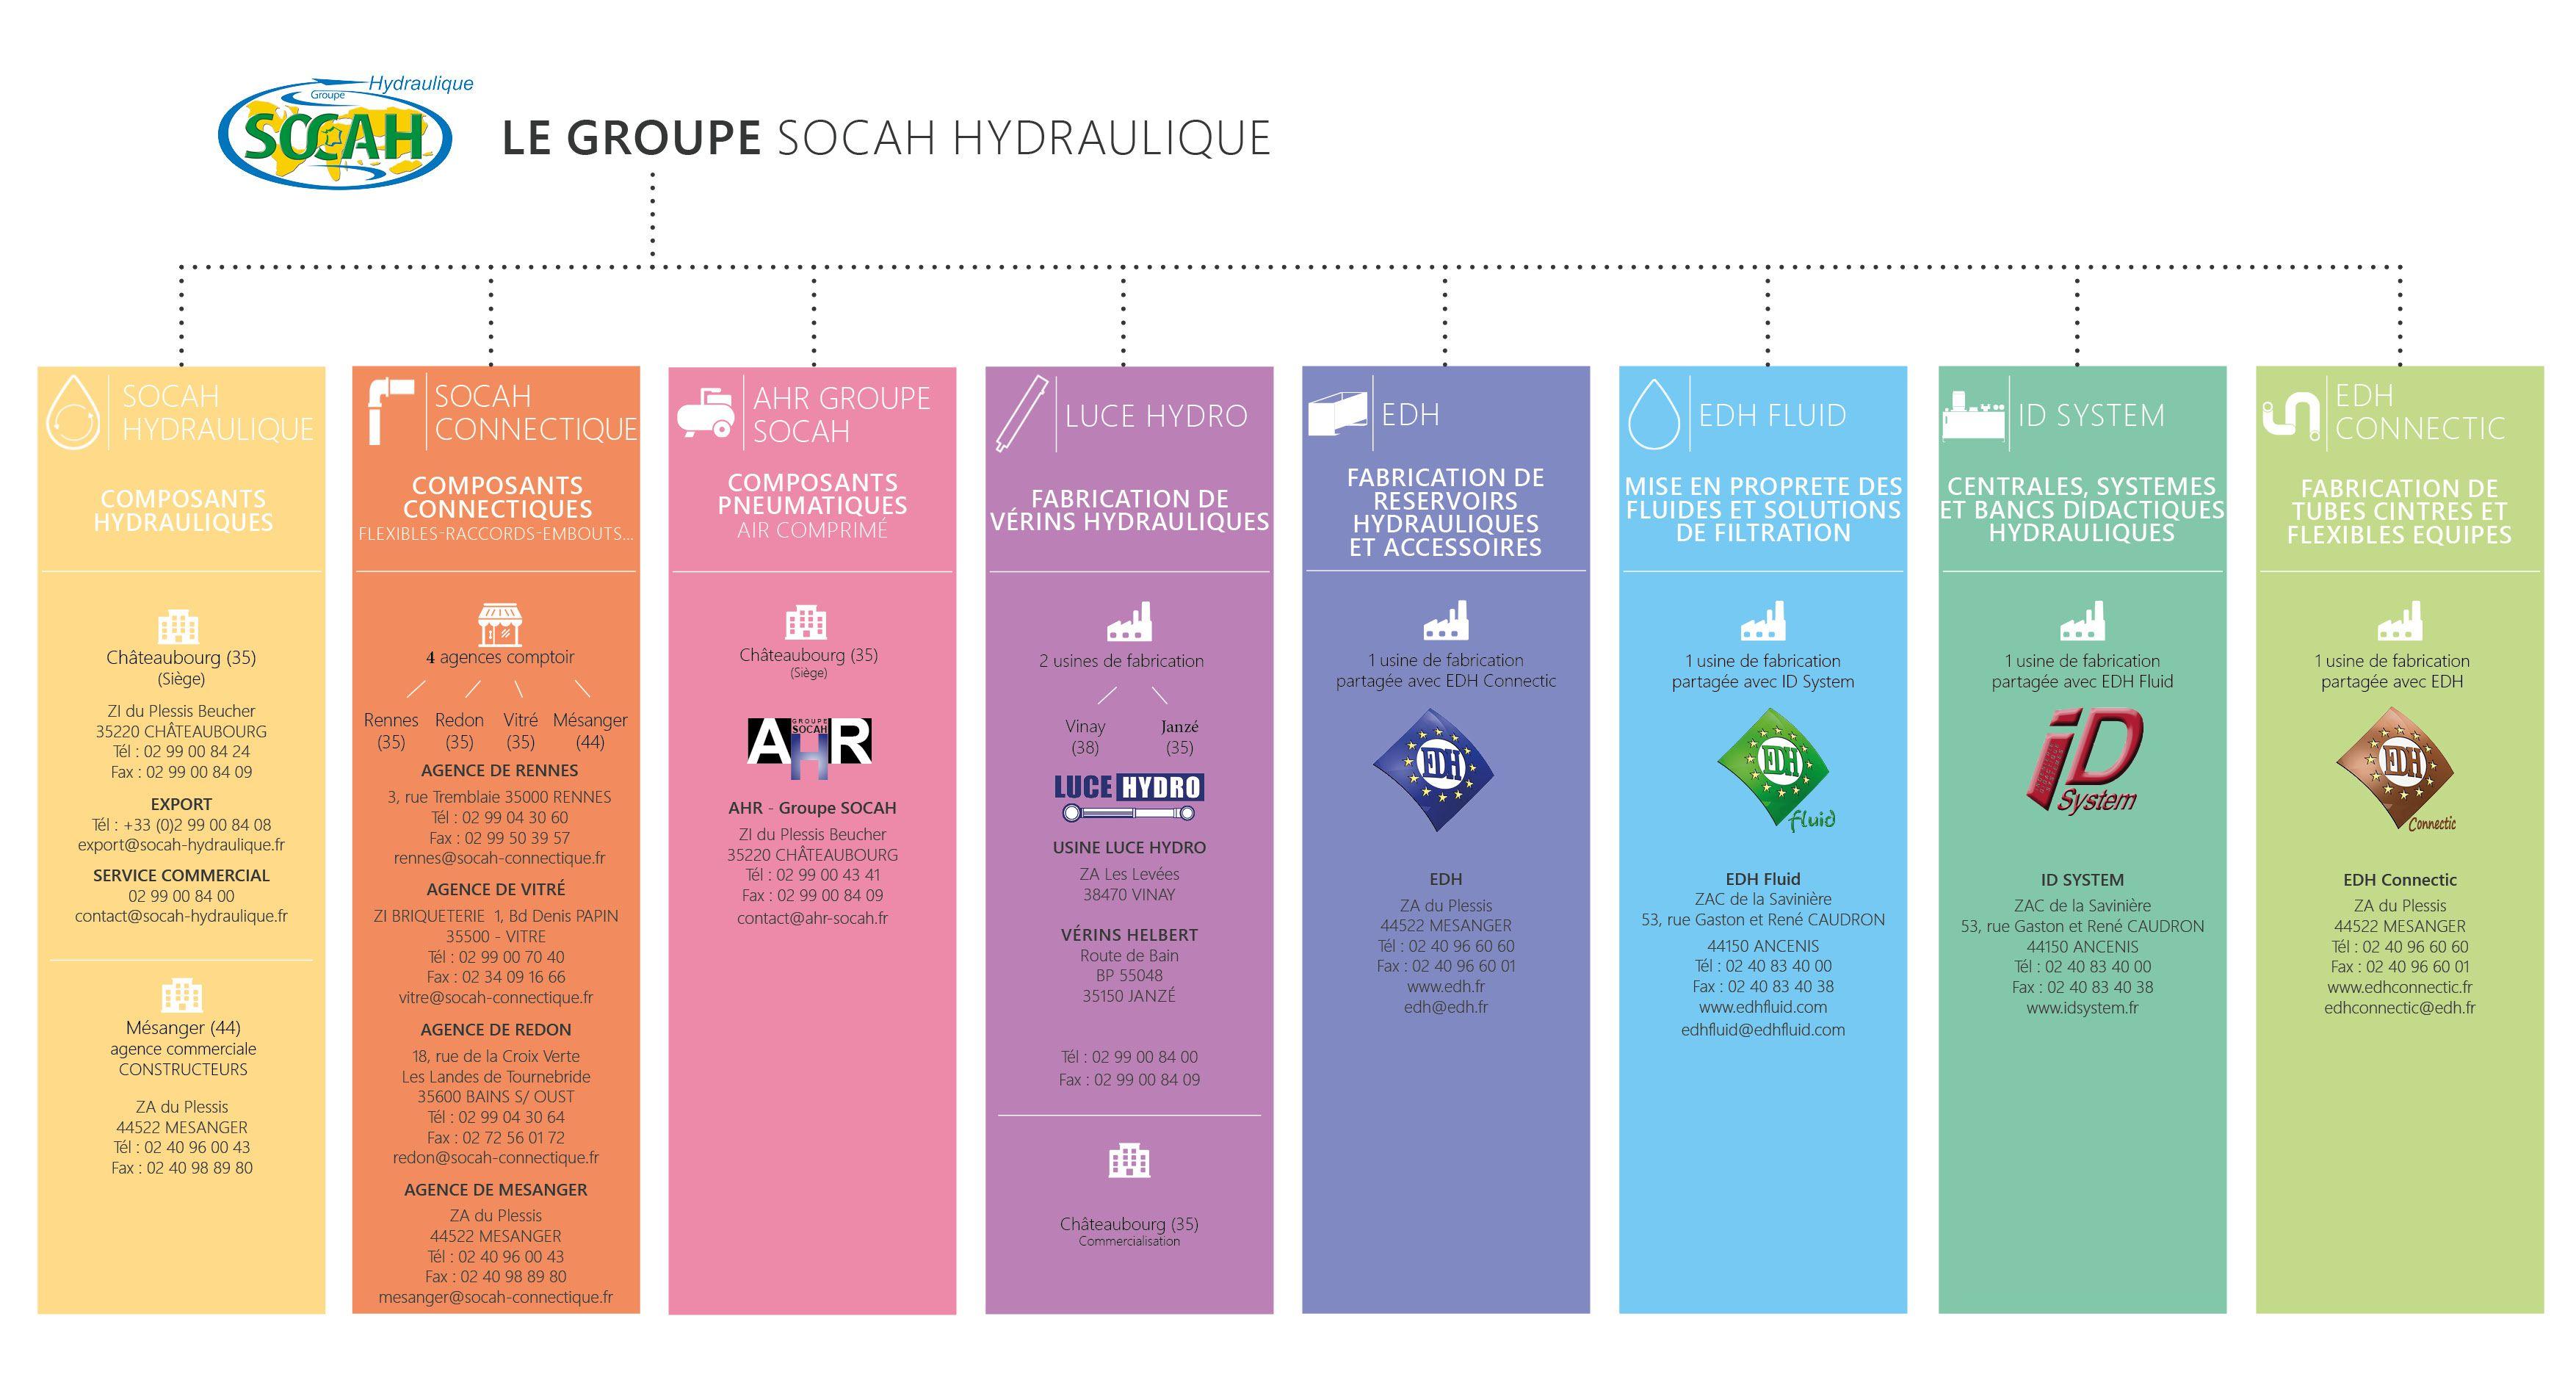 Luce Hydro fait partie du groupe SOCAH Hydraulique